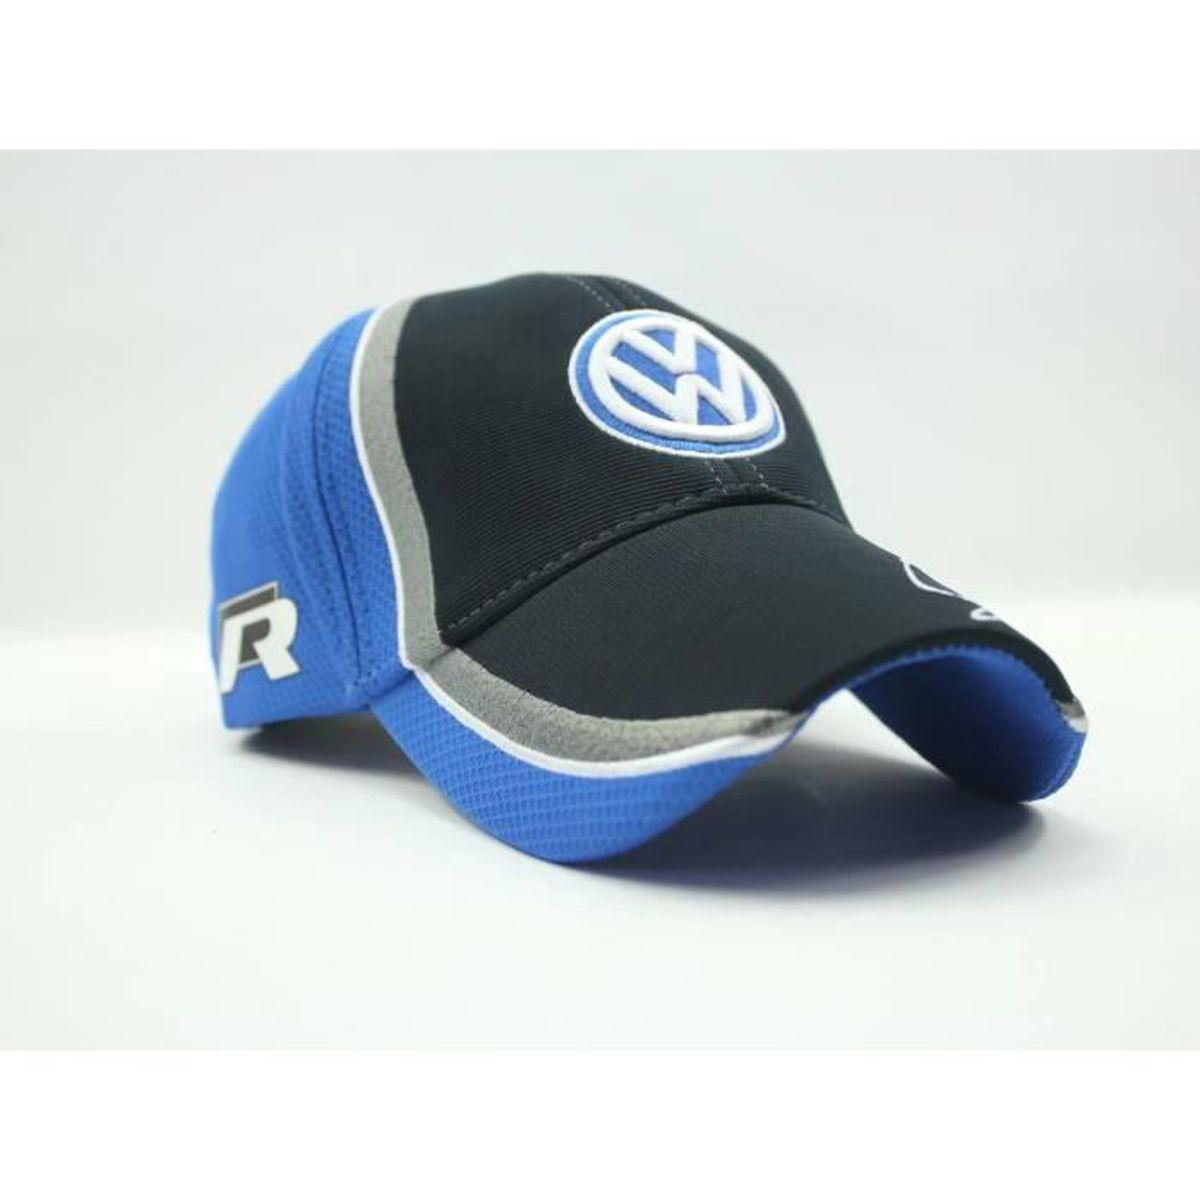 vw cap baseball chapeau formule f1 un logo de voiture casquette de golf de soleil sport chapeau. Black Bedroom Furniture Sets. Home Design Ideas